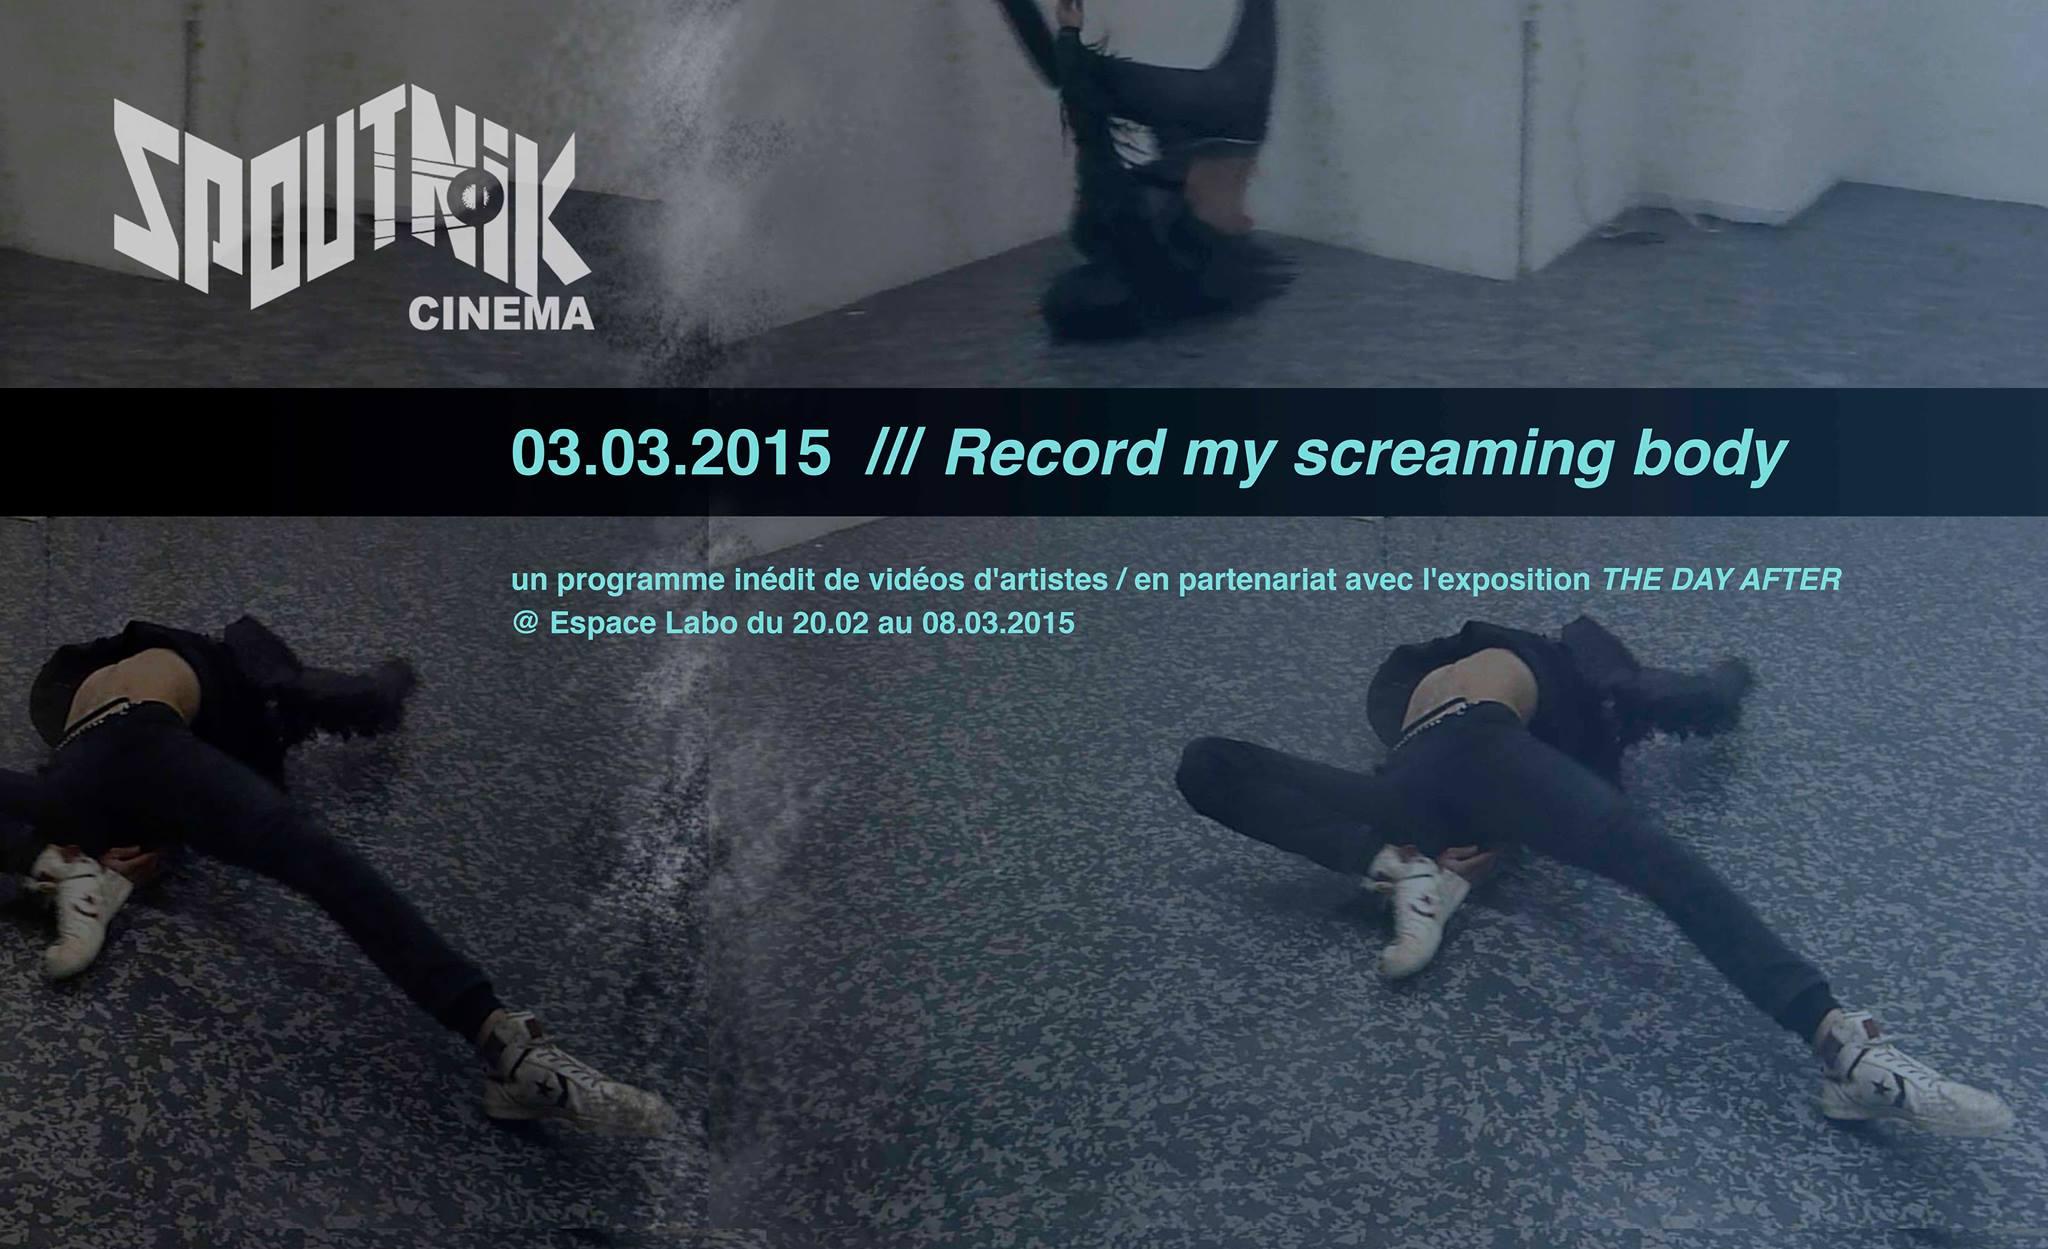 screaming_body_spoutnik